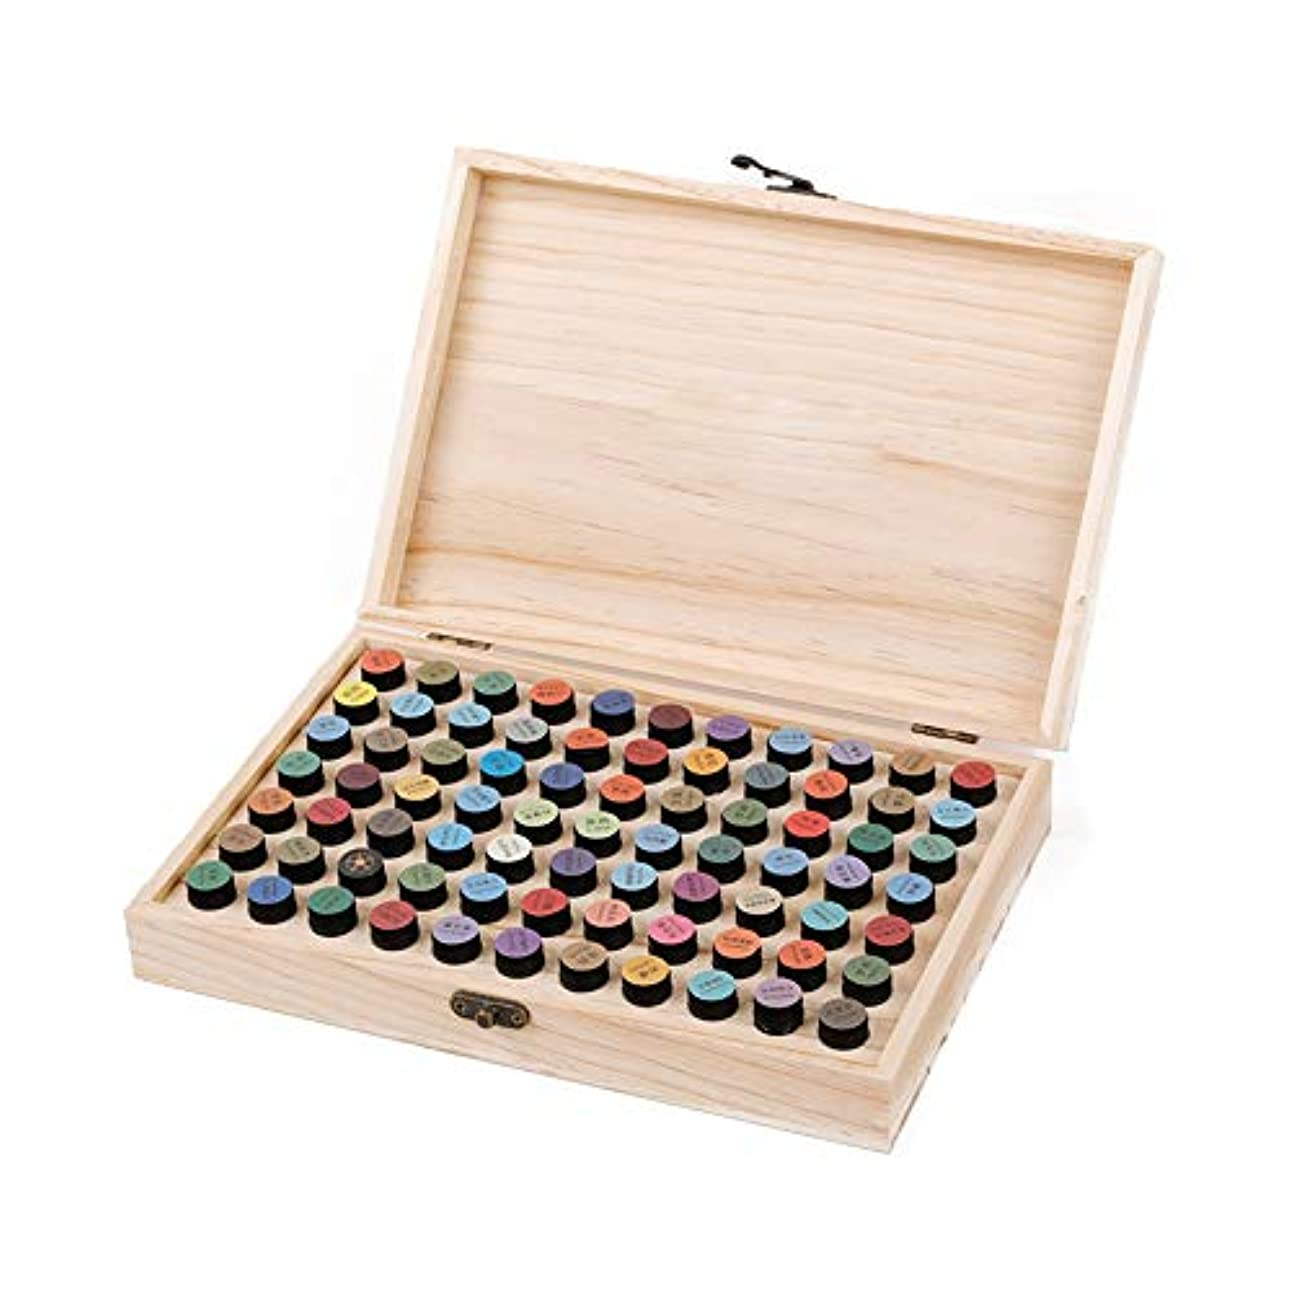 彼の休日に経過エッセンシャルオイル収納ボックス 2ミリリットルのエッセンシャルオイル木製収納ボックスあなたの貴重なエッセンシャルオイルを格納するのに適した77個のスロット 丈夫で持ち運びが簡単 (色 : Natural, サイズ :...